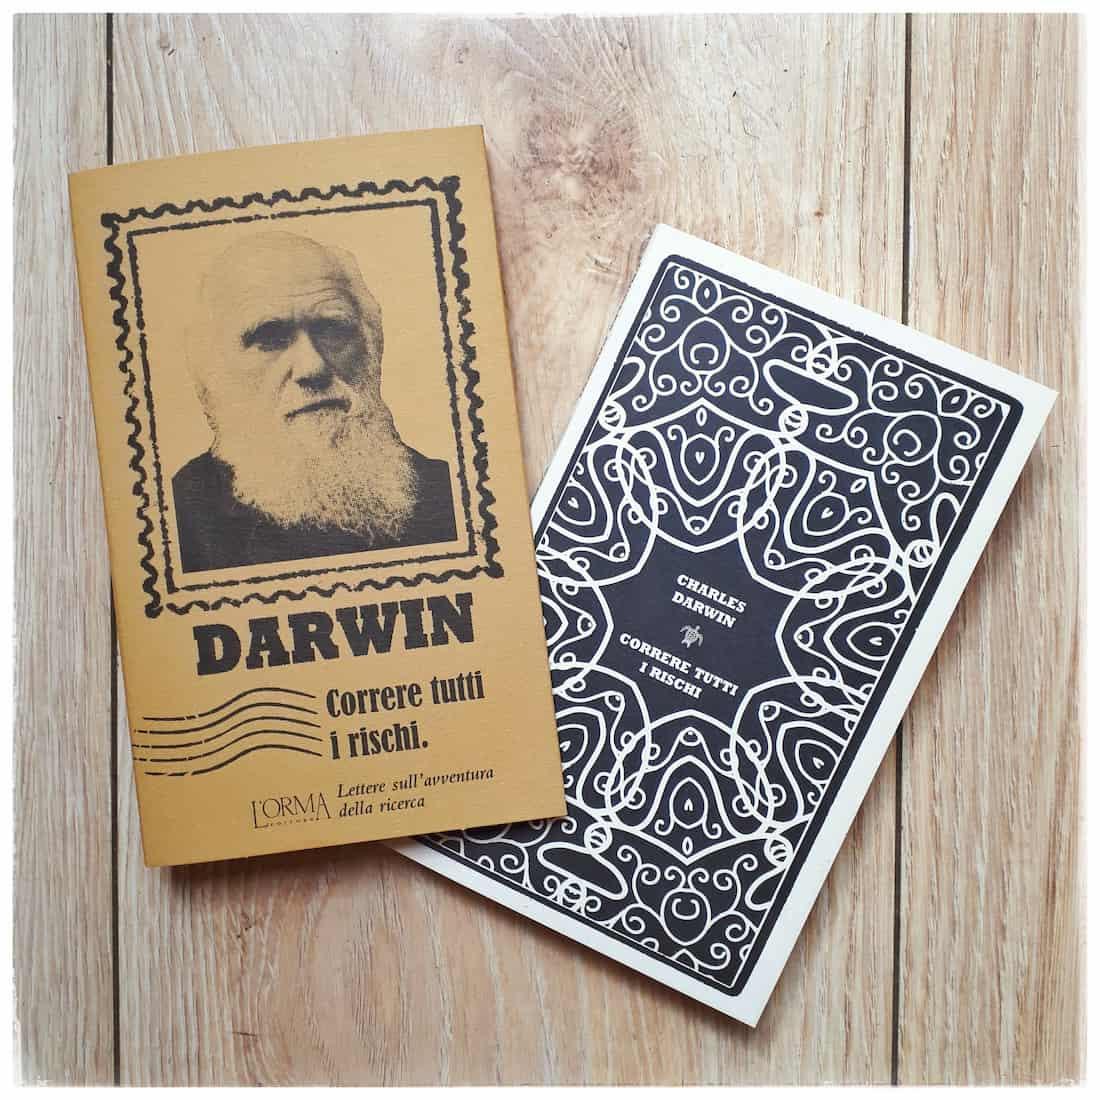 Correre tutti i rischi - Charles Darwin